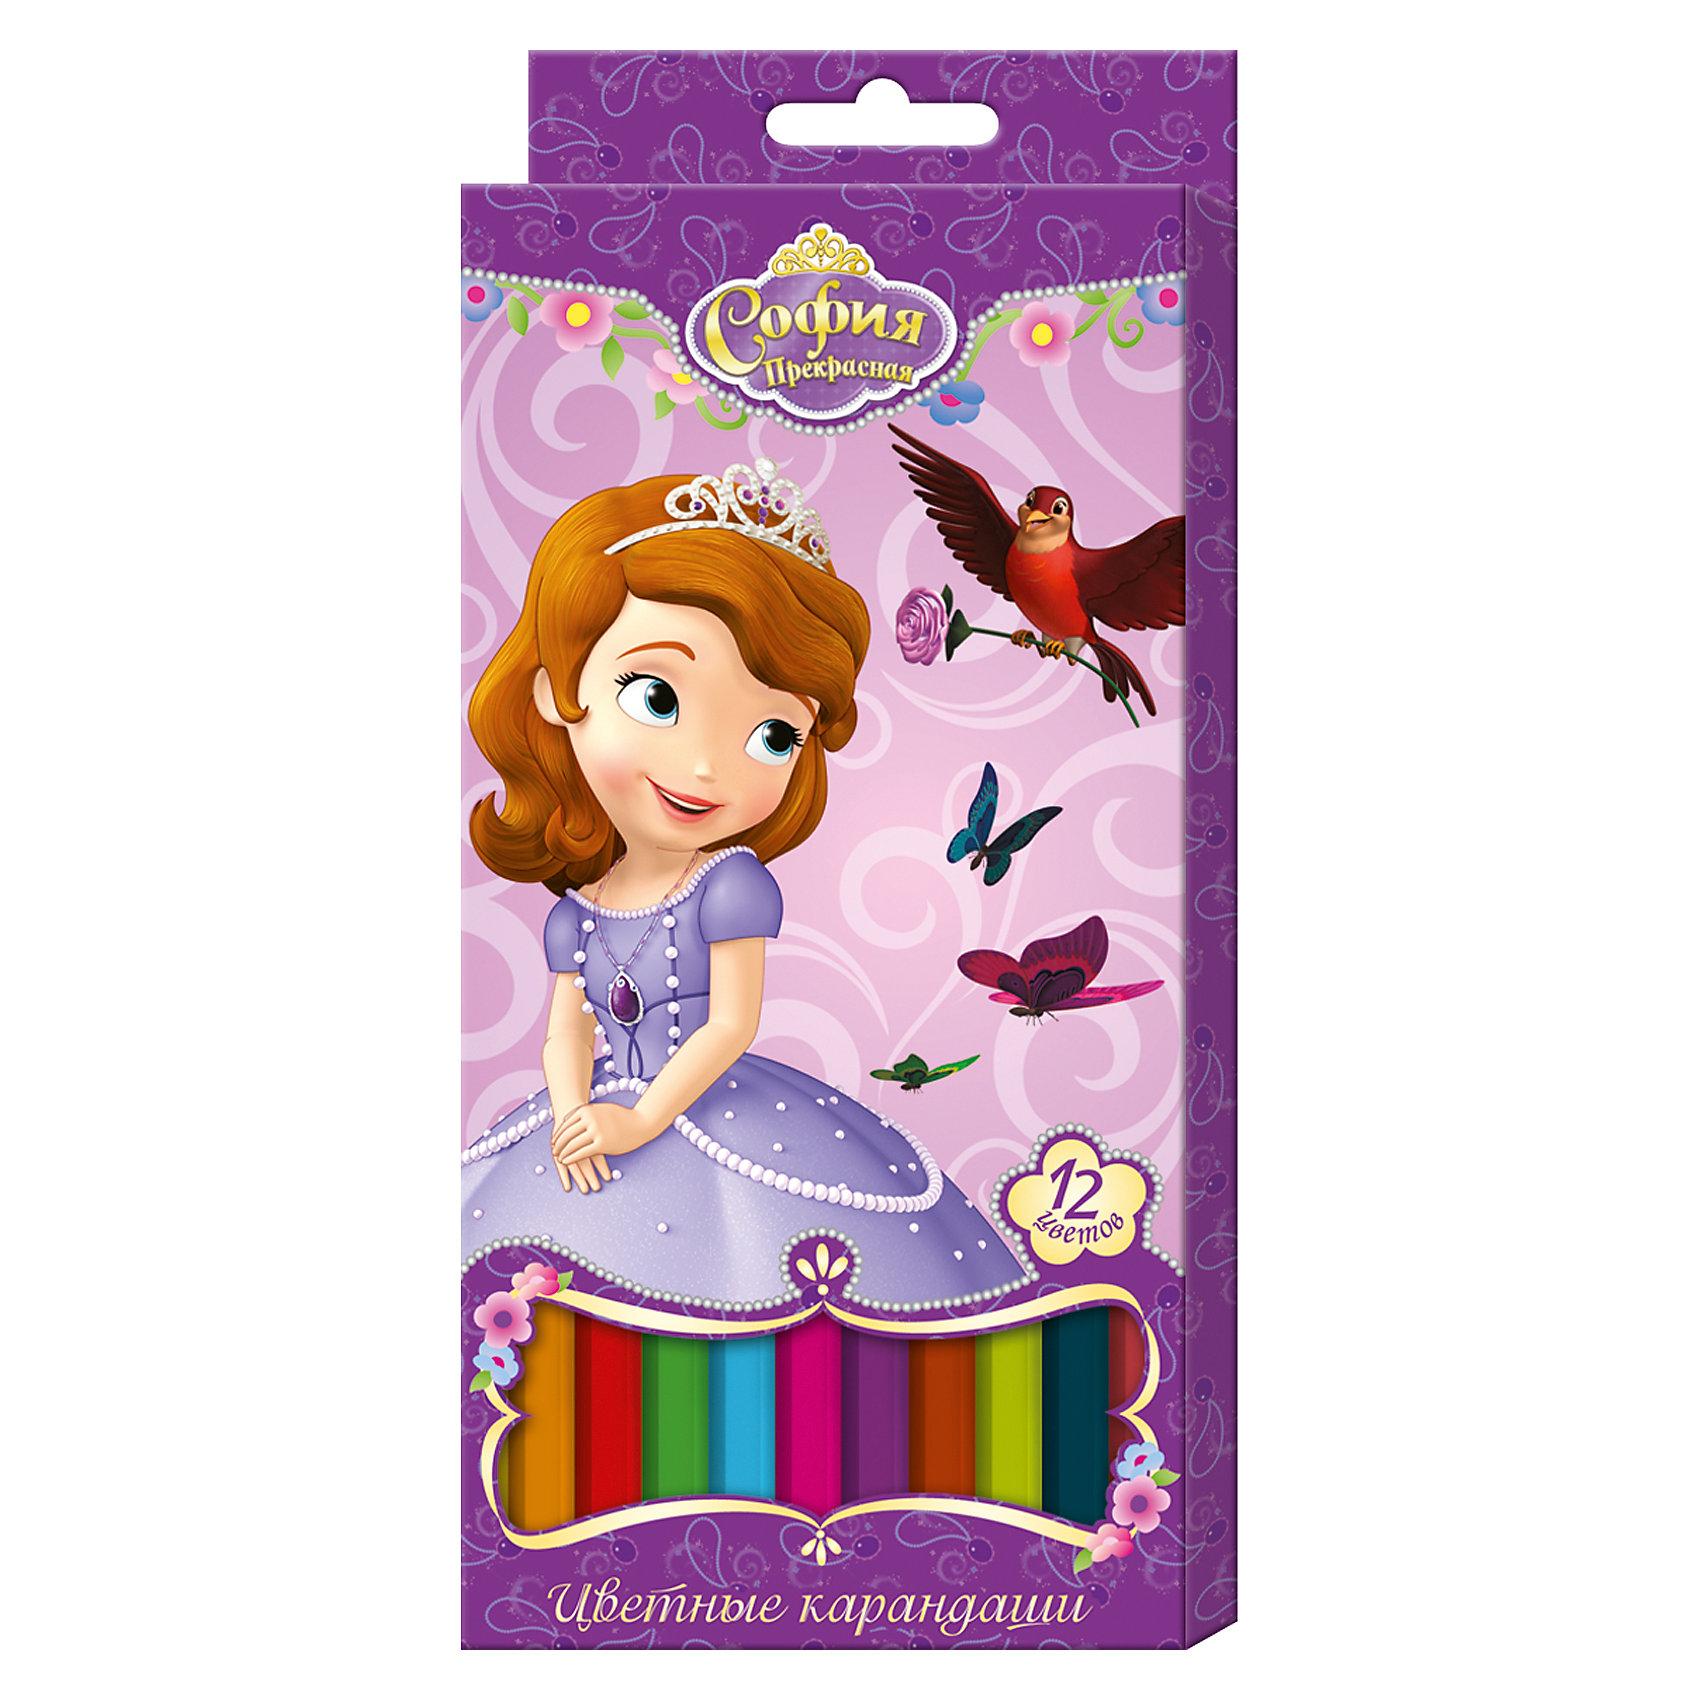 Цветные карандаши София Прекрасная 12 цветов